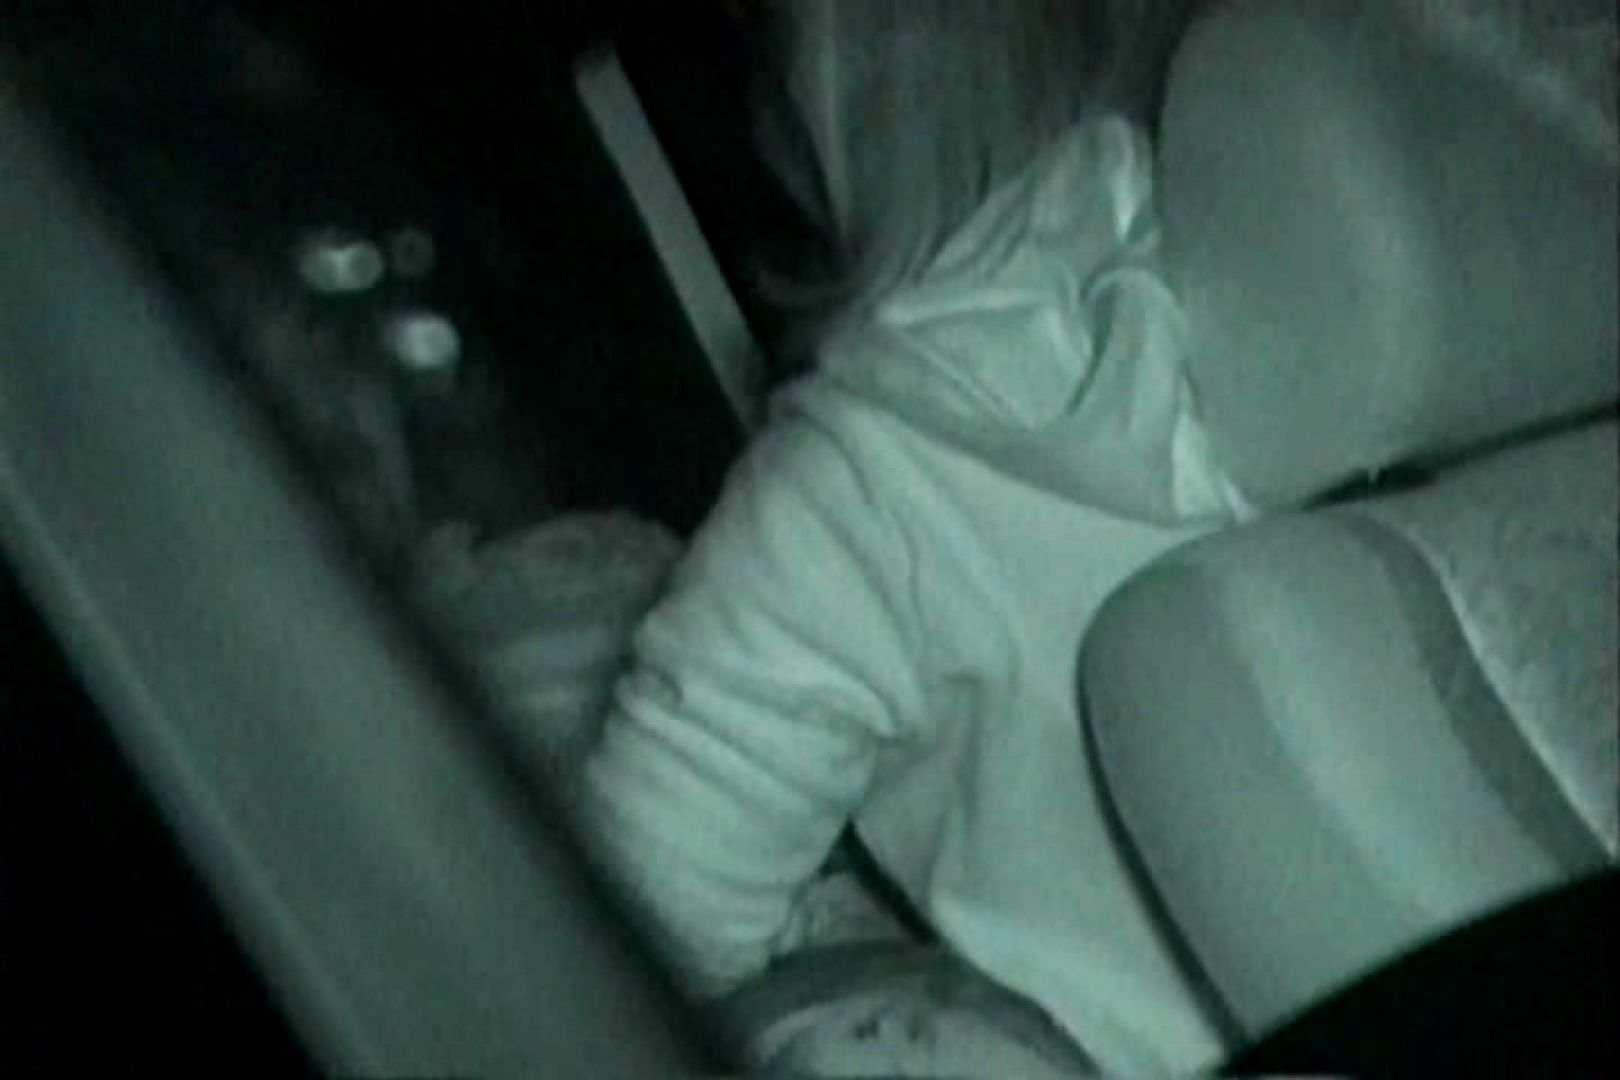 充血監督の深夜の運動会Vol.126 フェラチオ 盗撮動画紹介 83画像 69